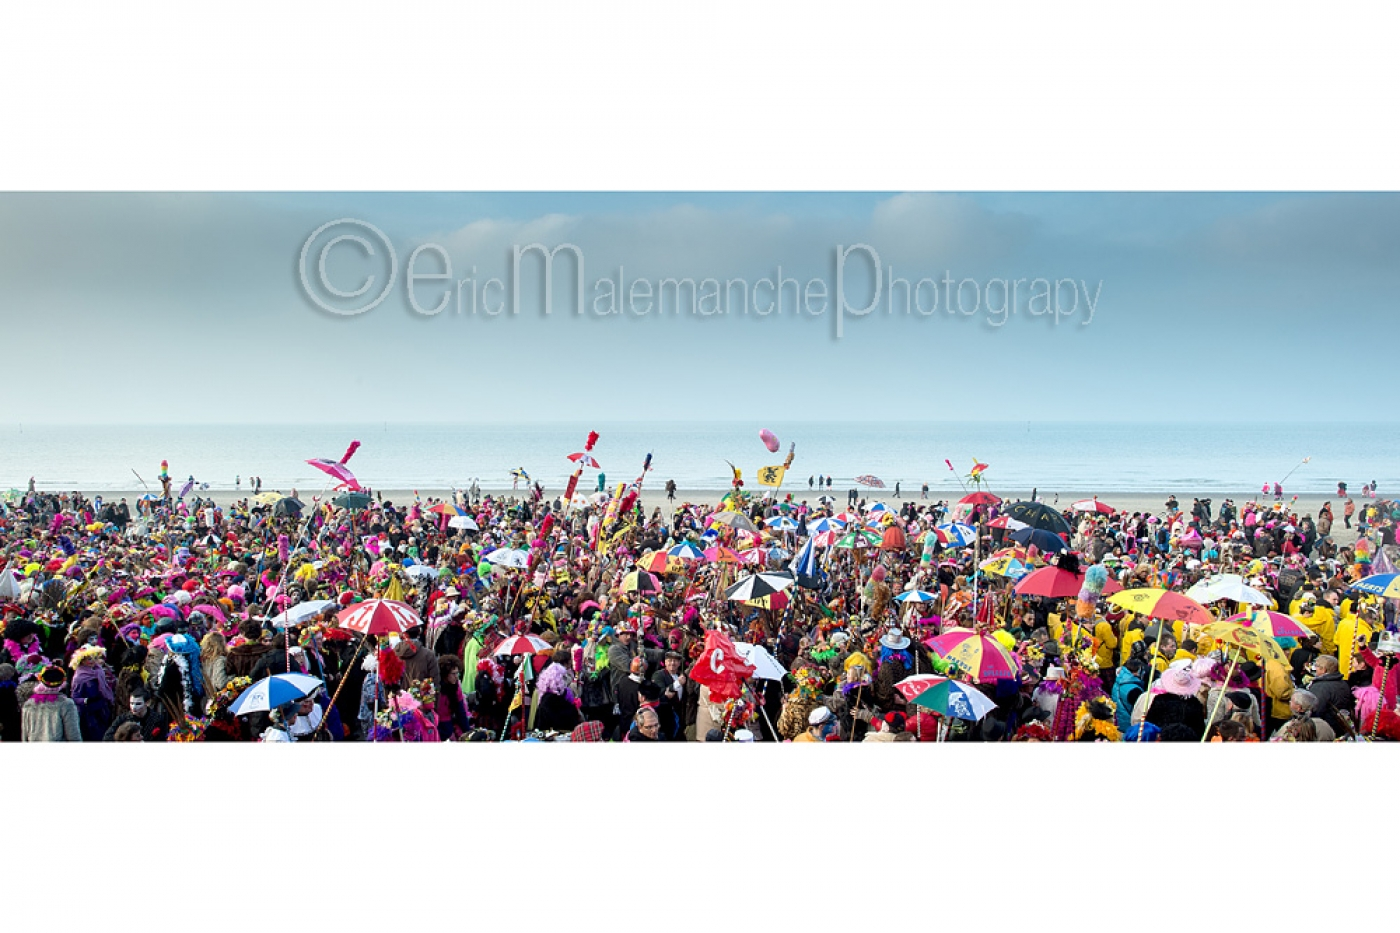 http://www.ericmalemanche.com/imagess/topics/carnaval-de-dunkerque/liste/Carnaval-Dunkerque-6127.jpg